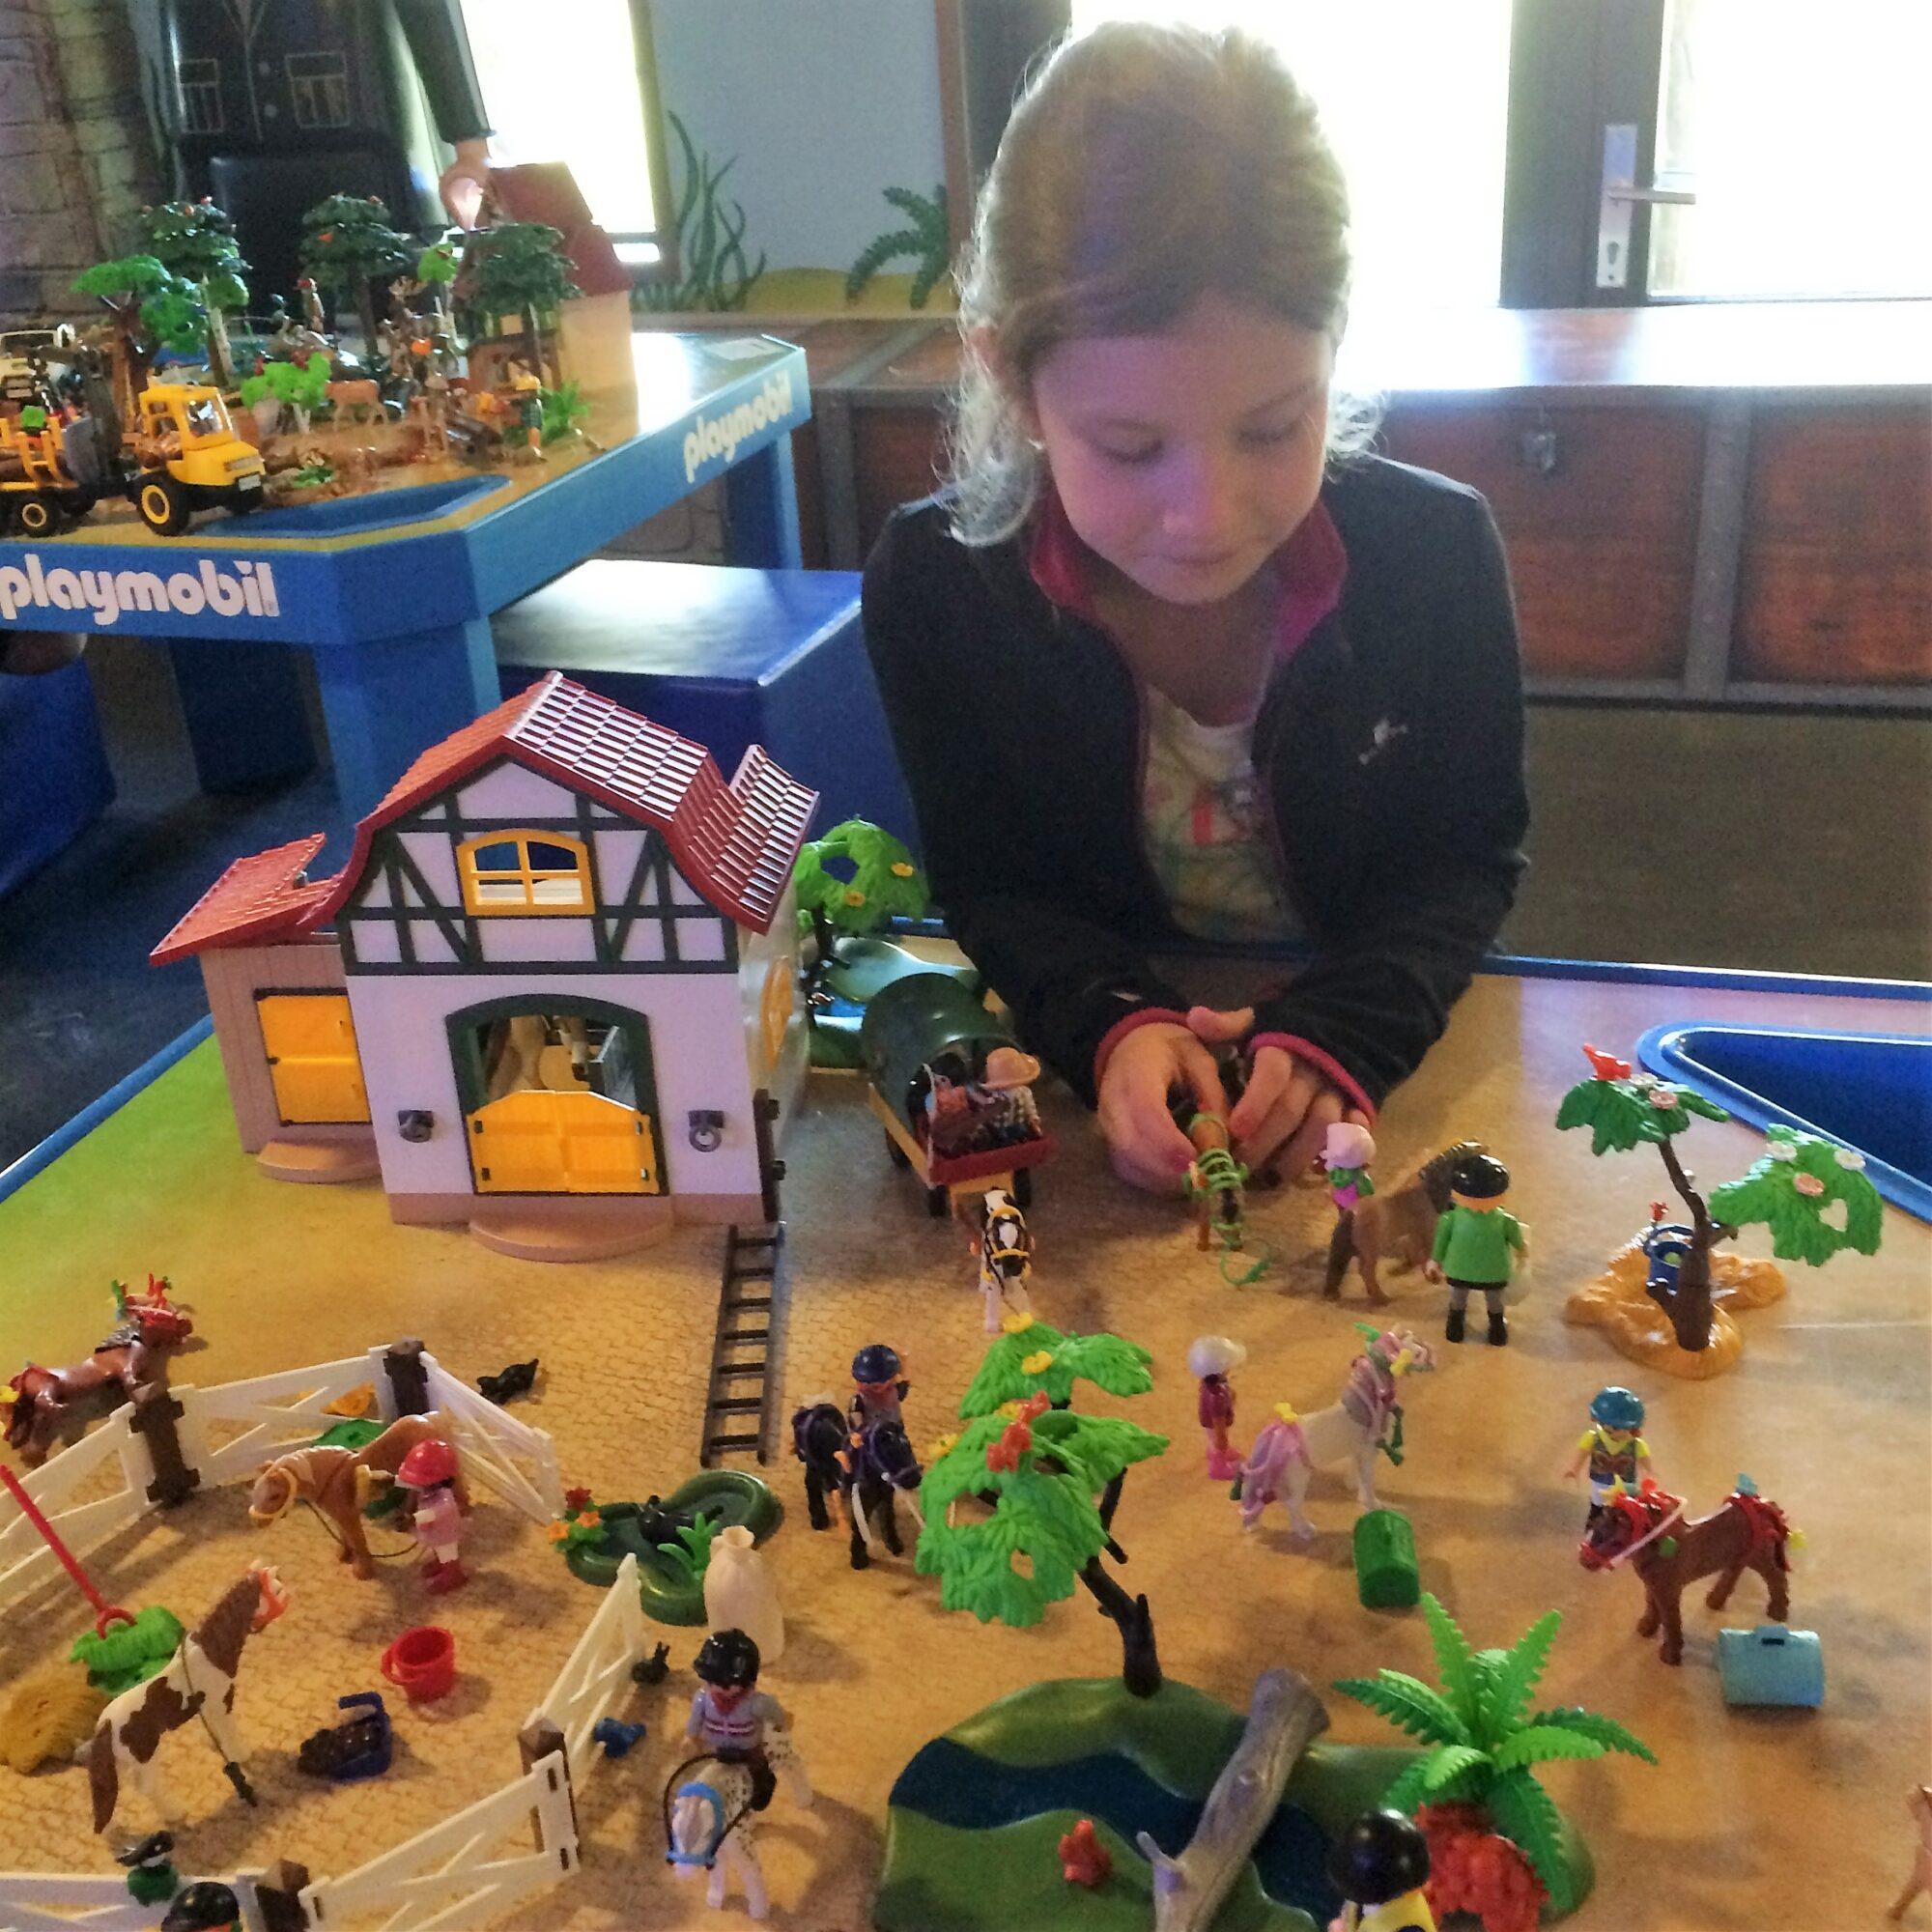 Spelen met Playmobil